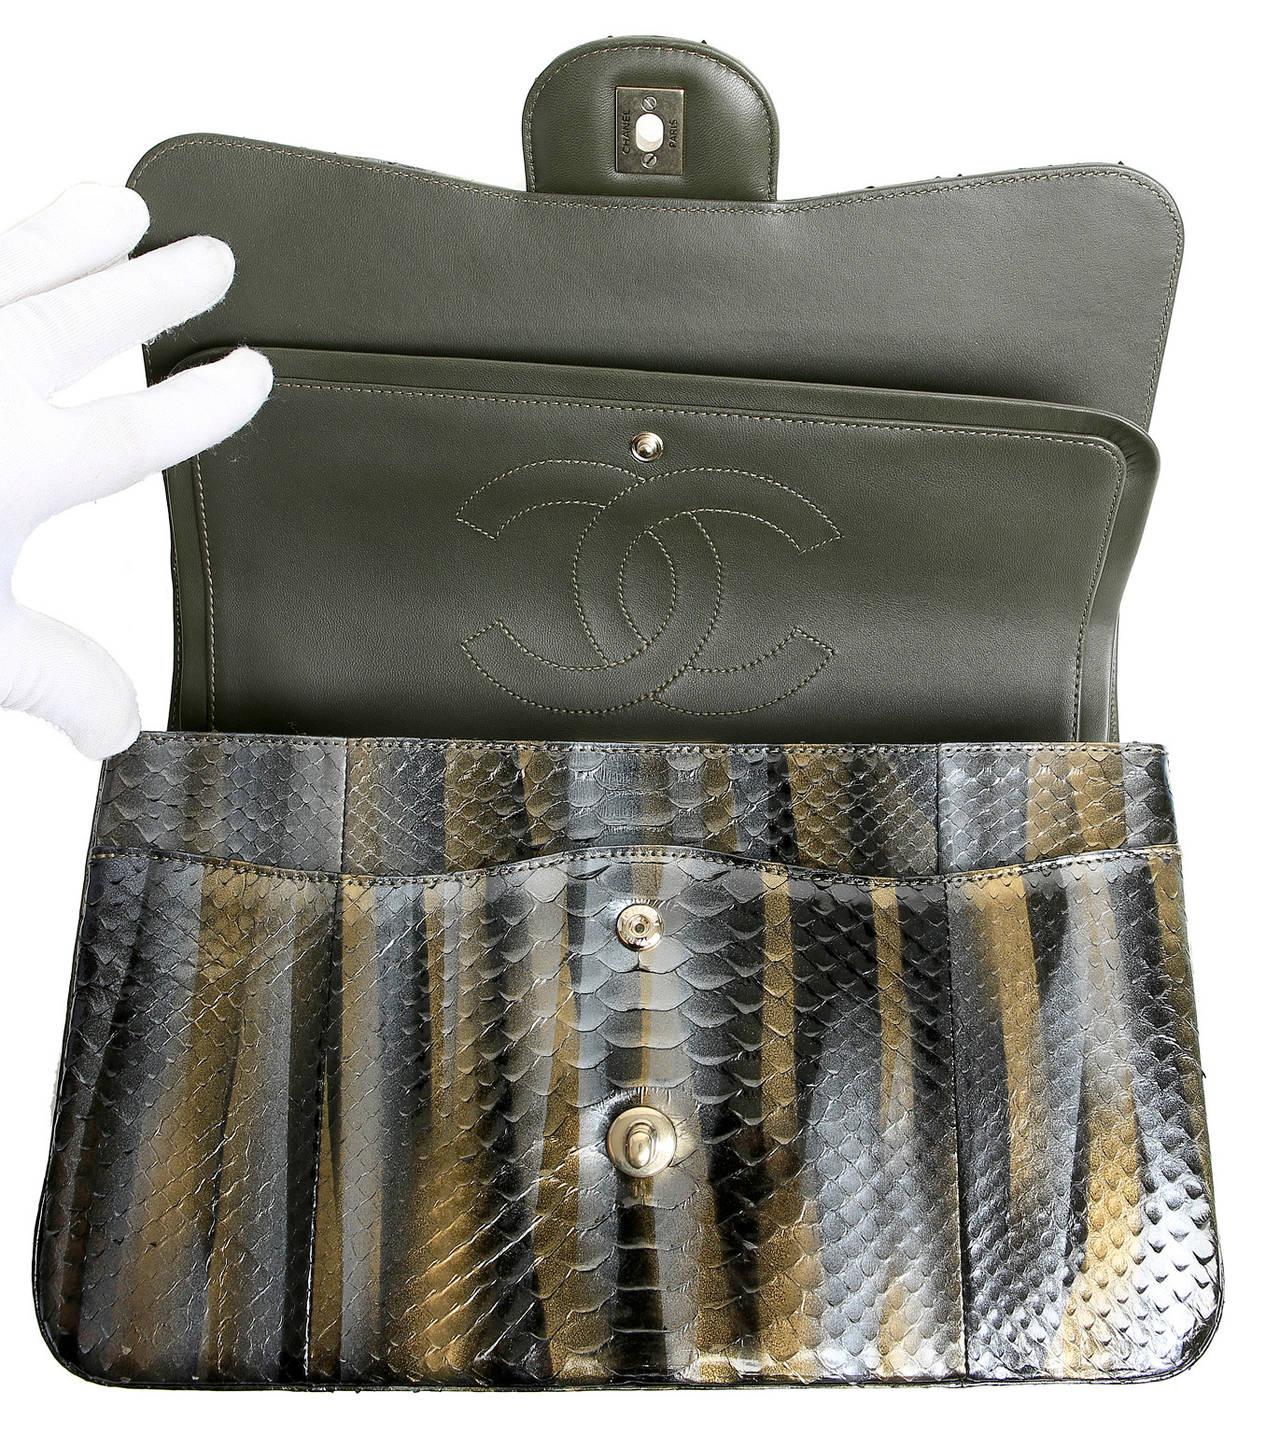 Chanel Jumbo Classic Metallic Python- Double Flap 6